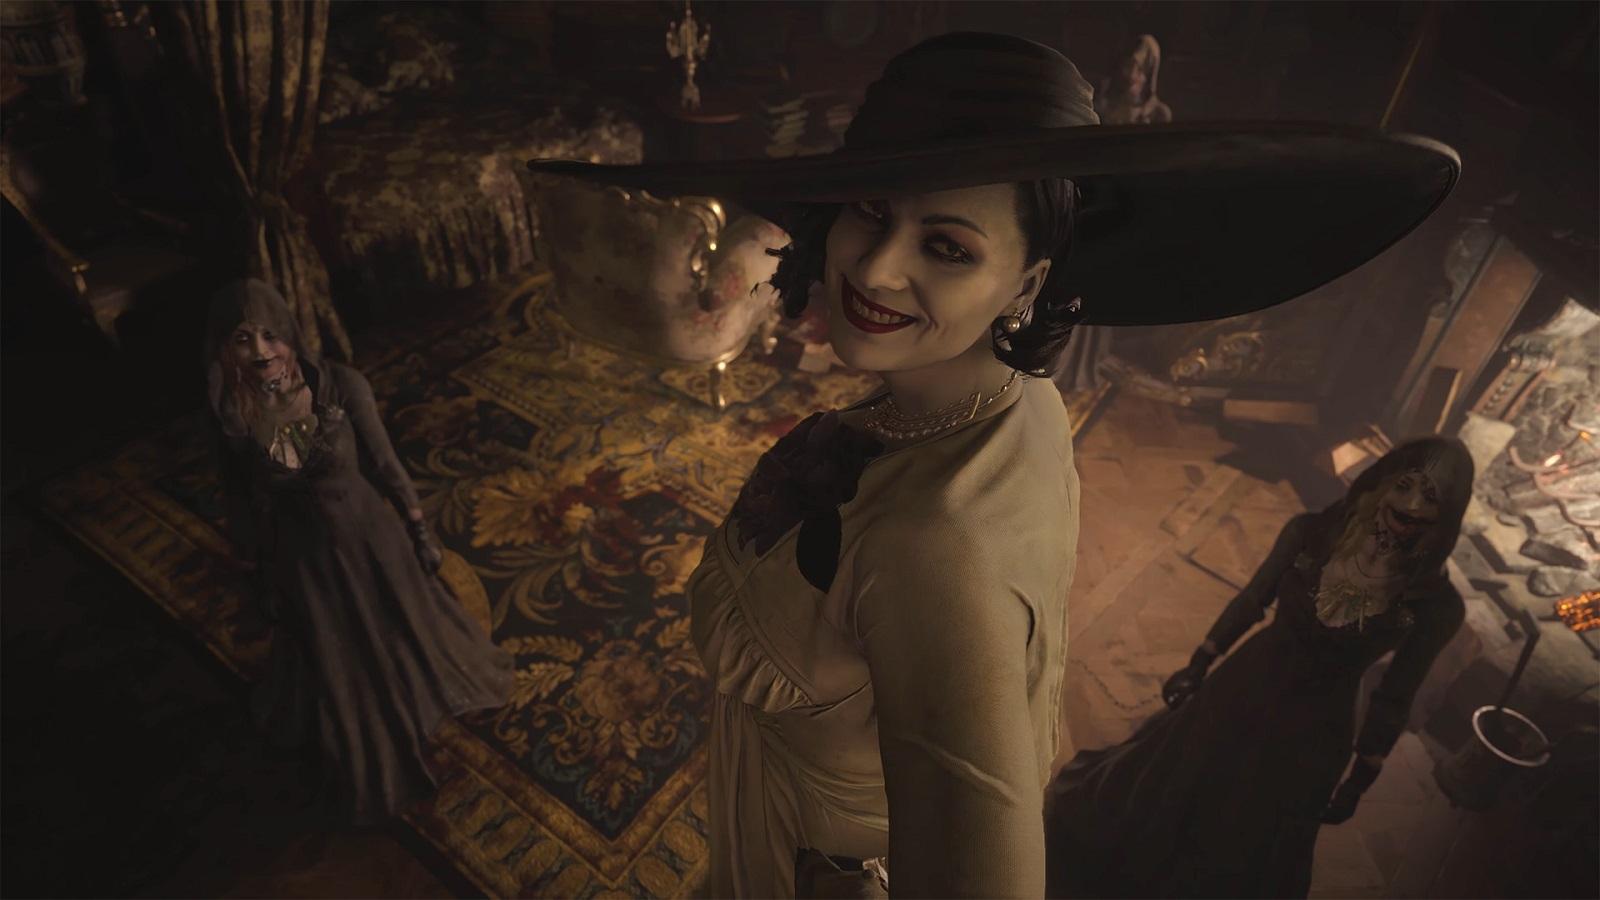 Capcom огласила системные требования Resident Evil Village для игры с трассировкой лучей и без неё